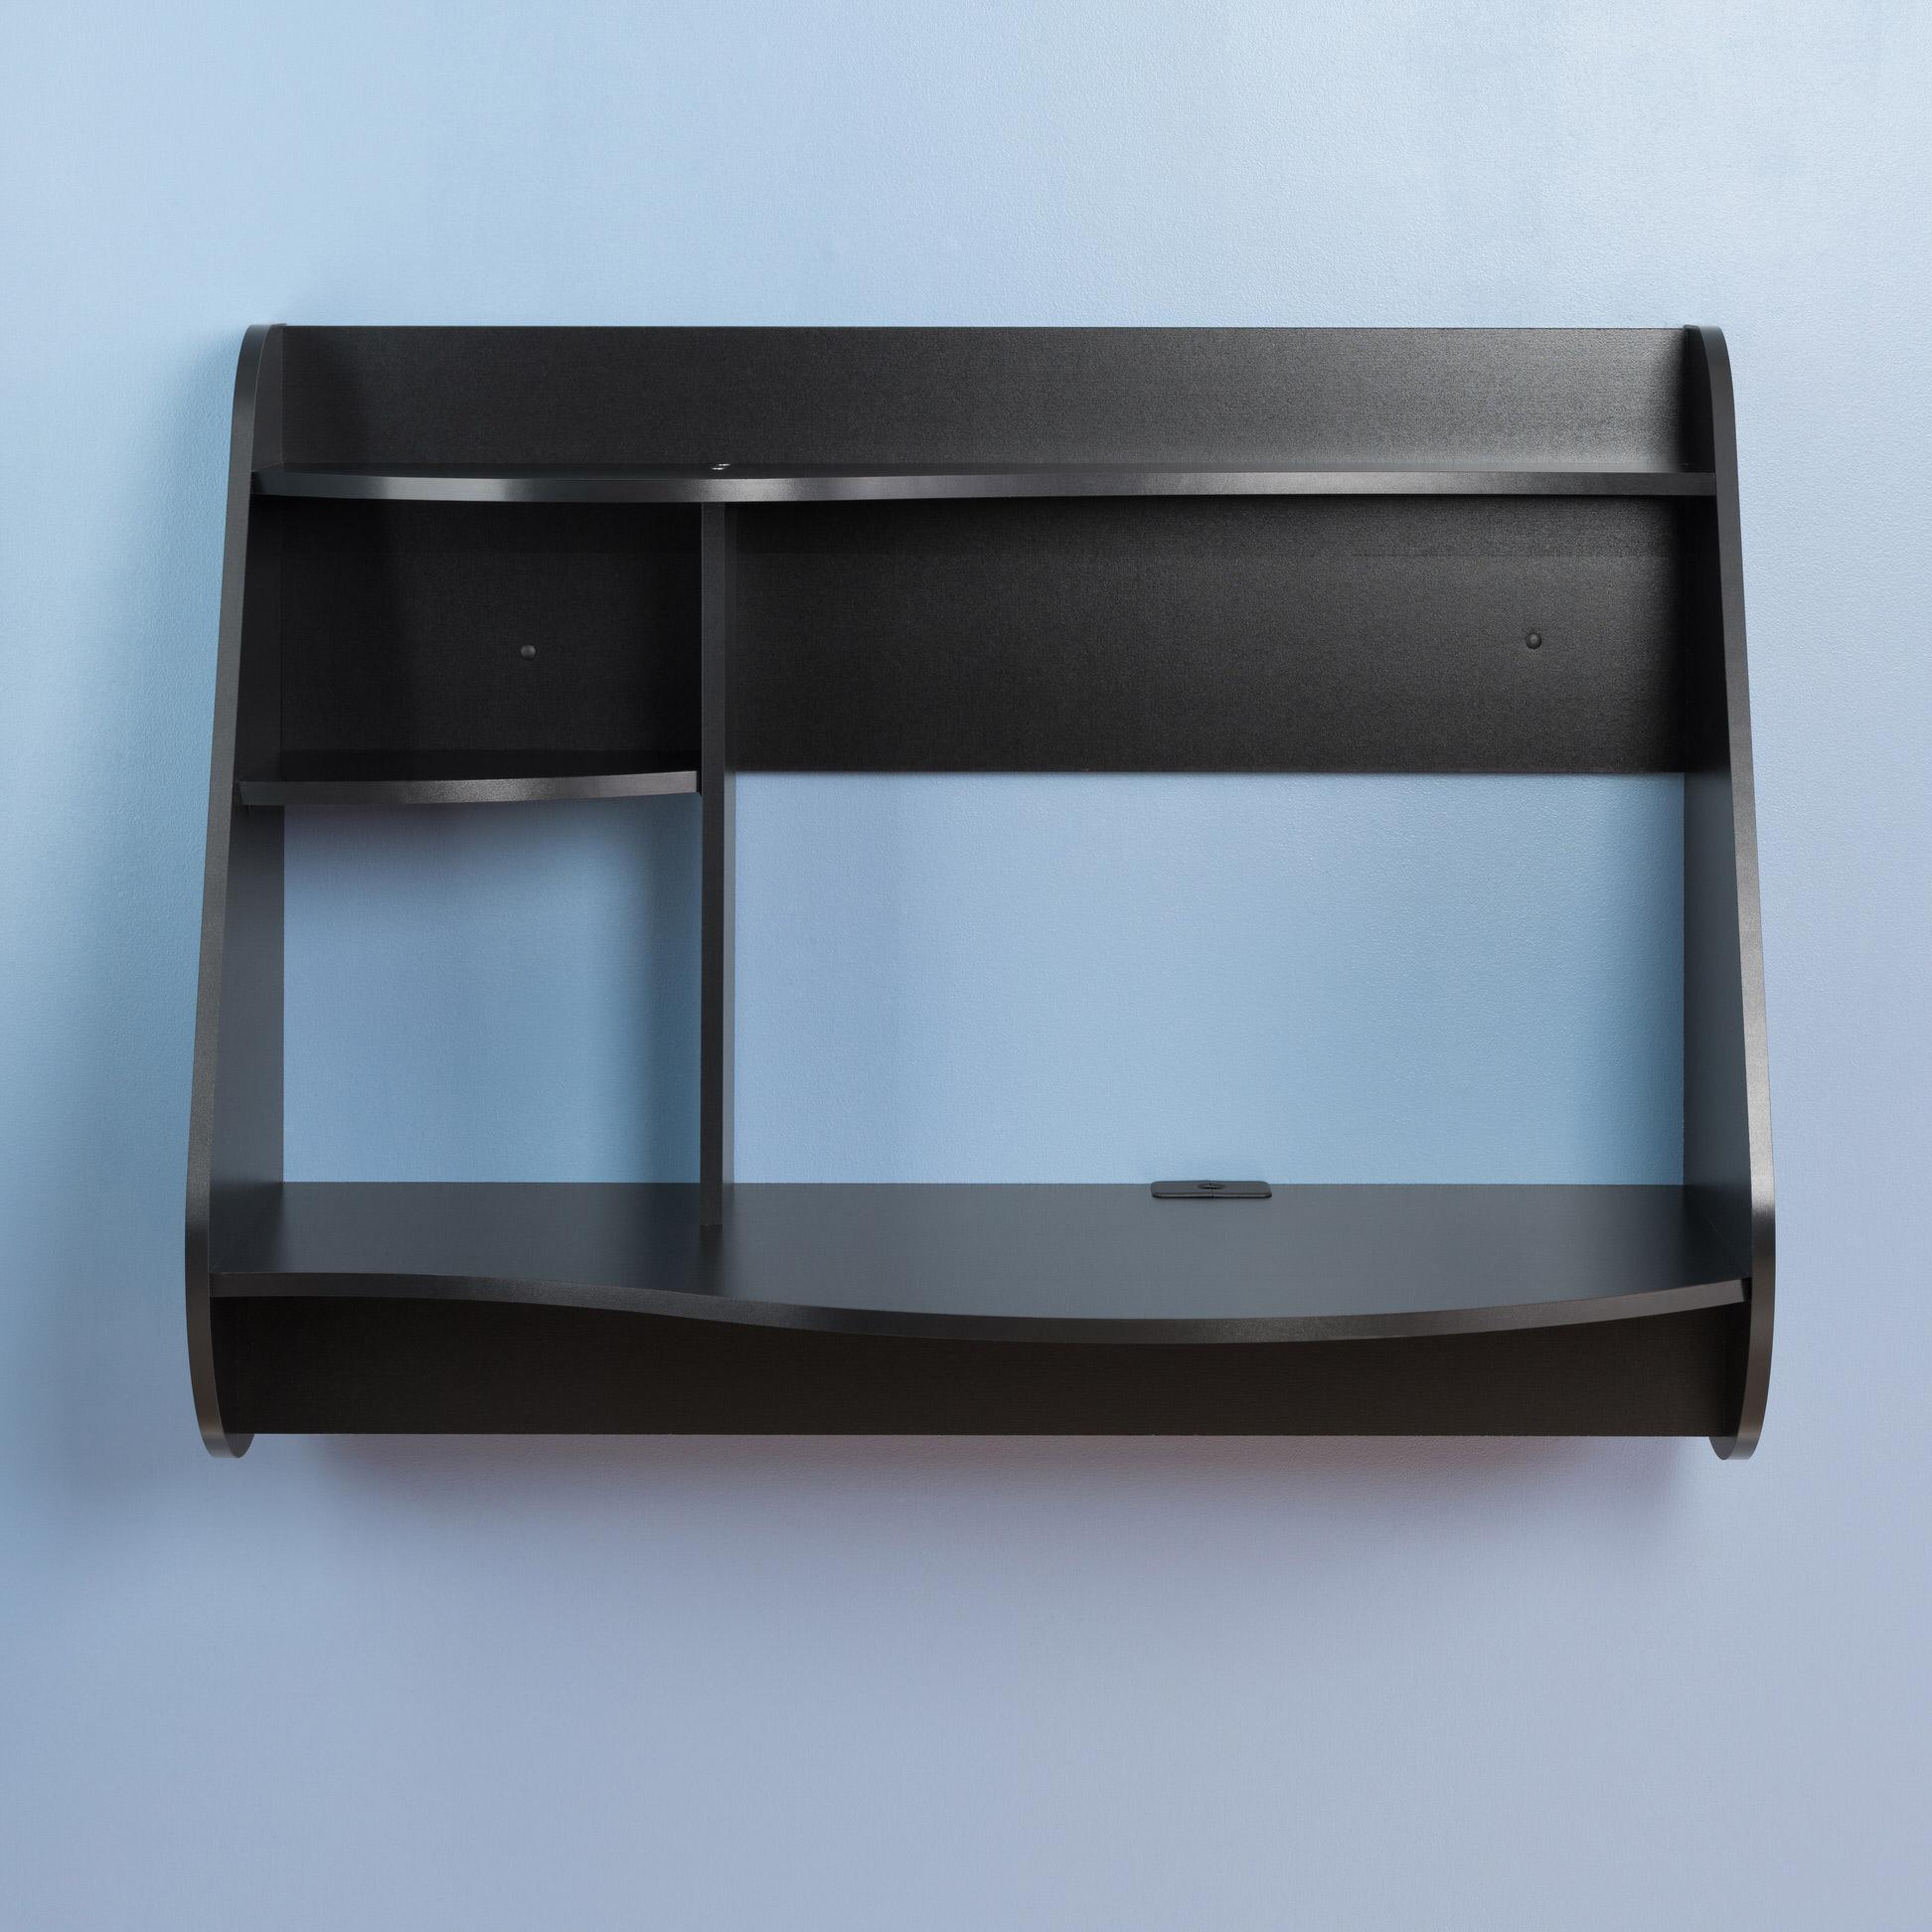 Kurv Floating Desk In By Prepac